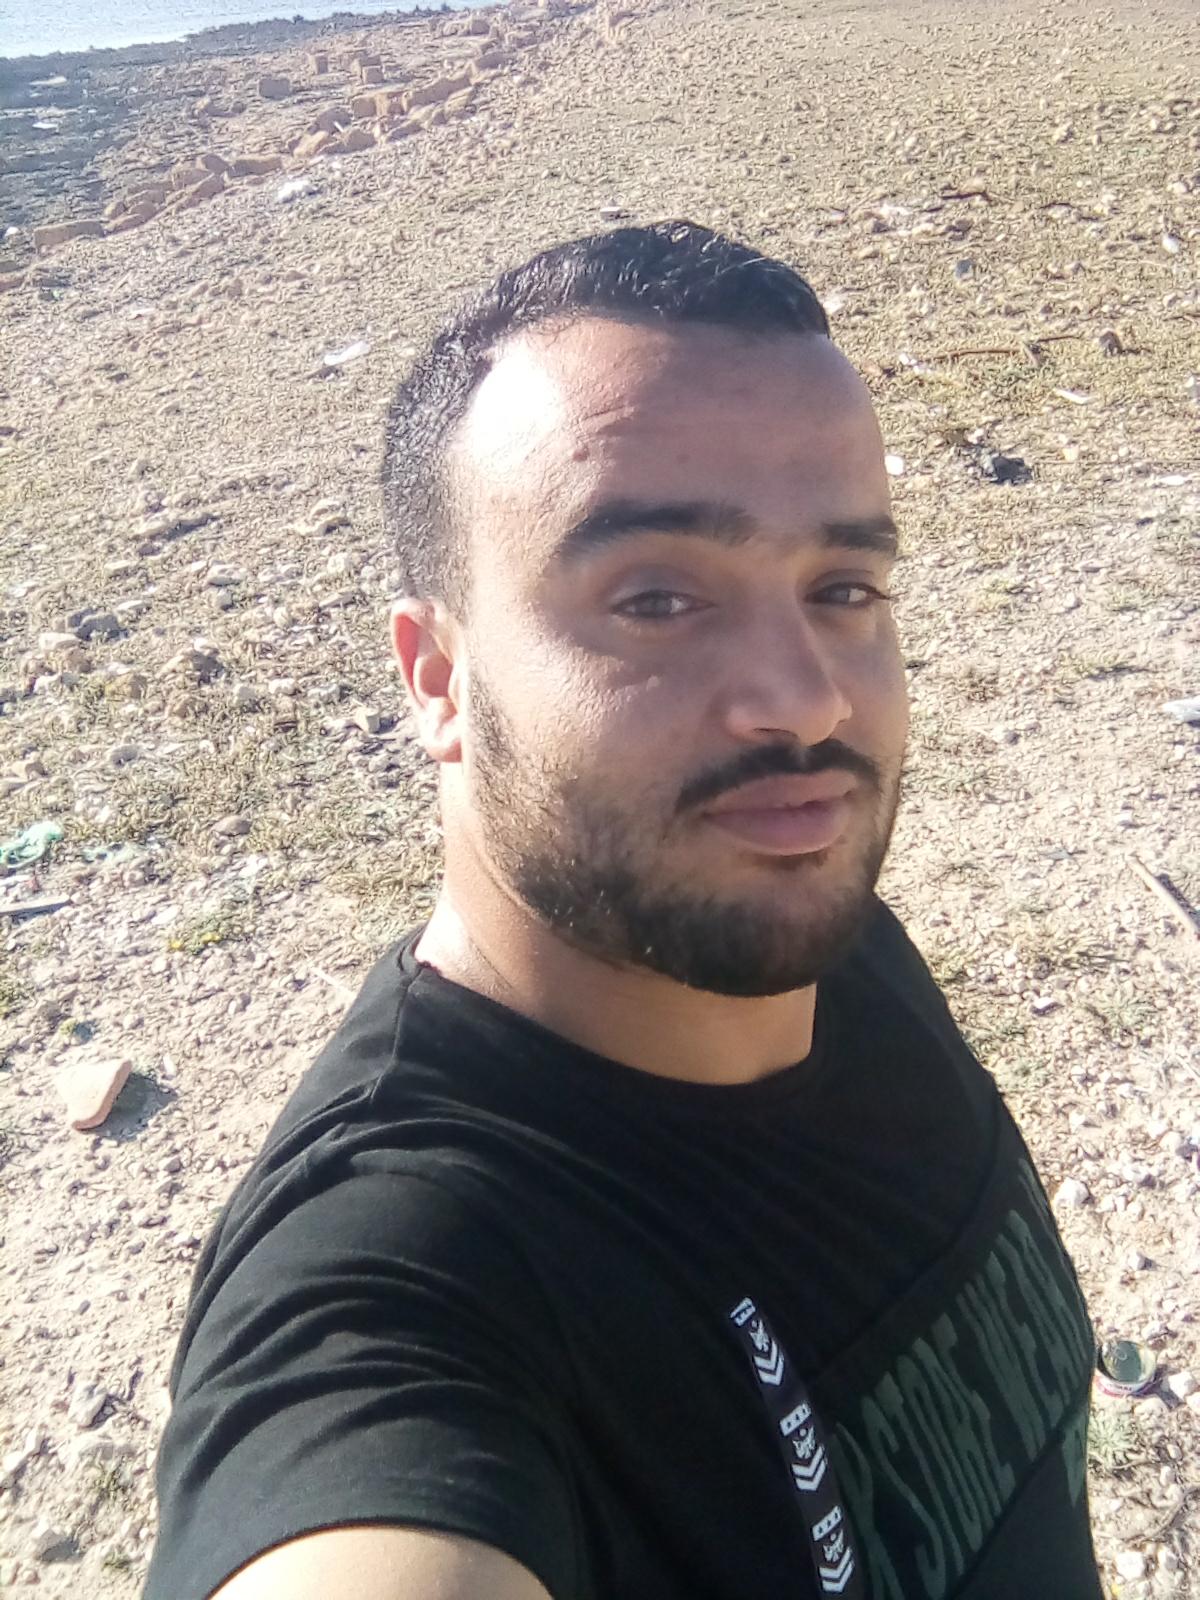 moujib bahri